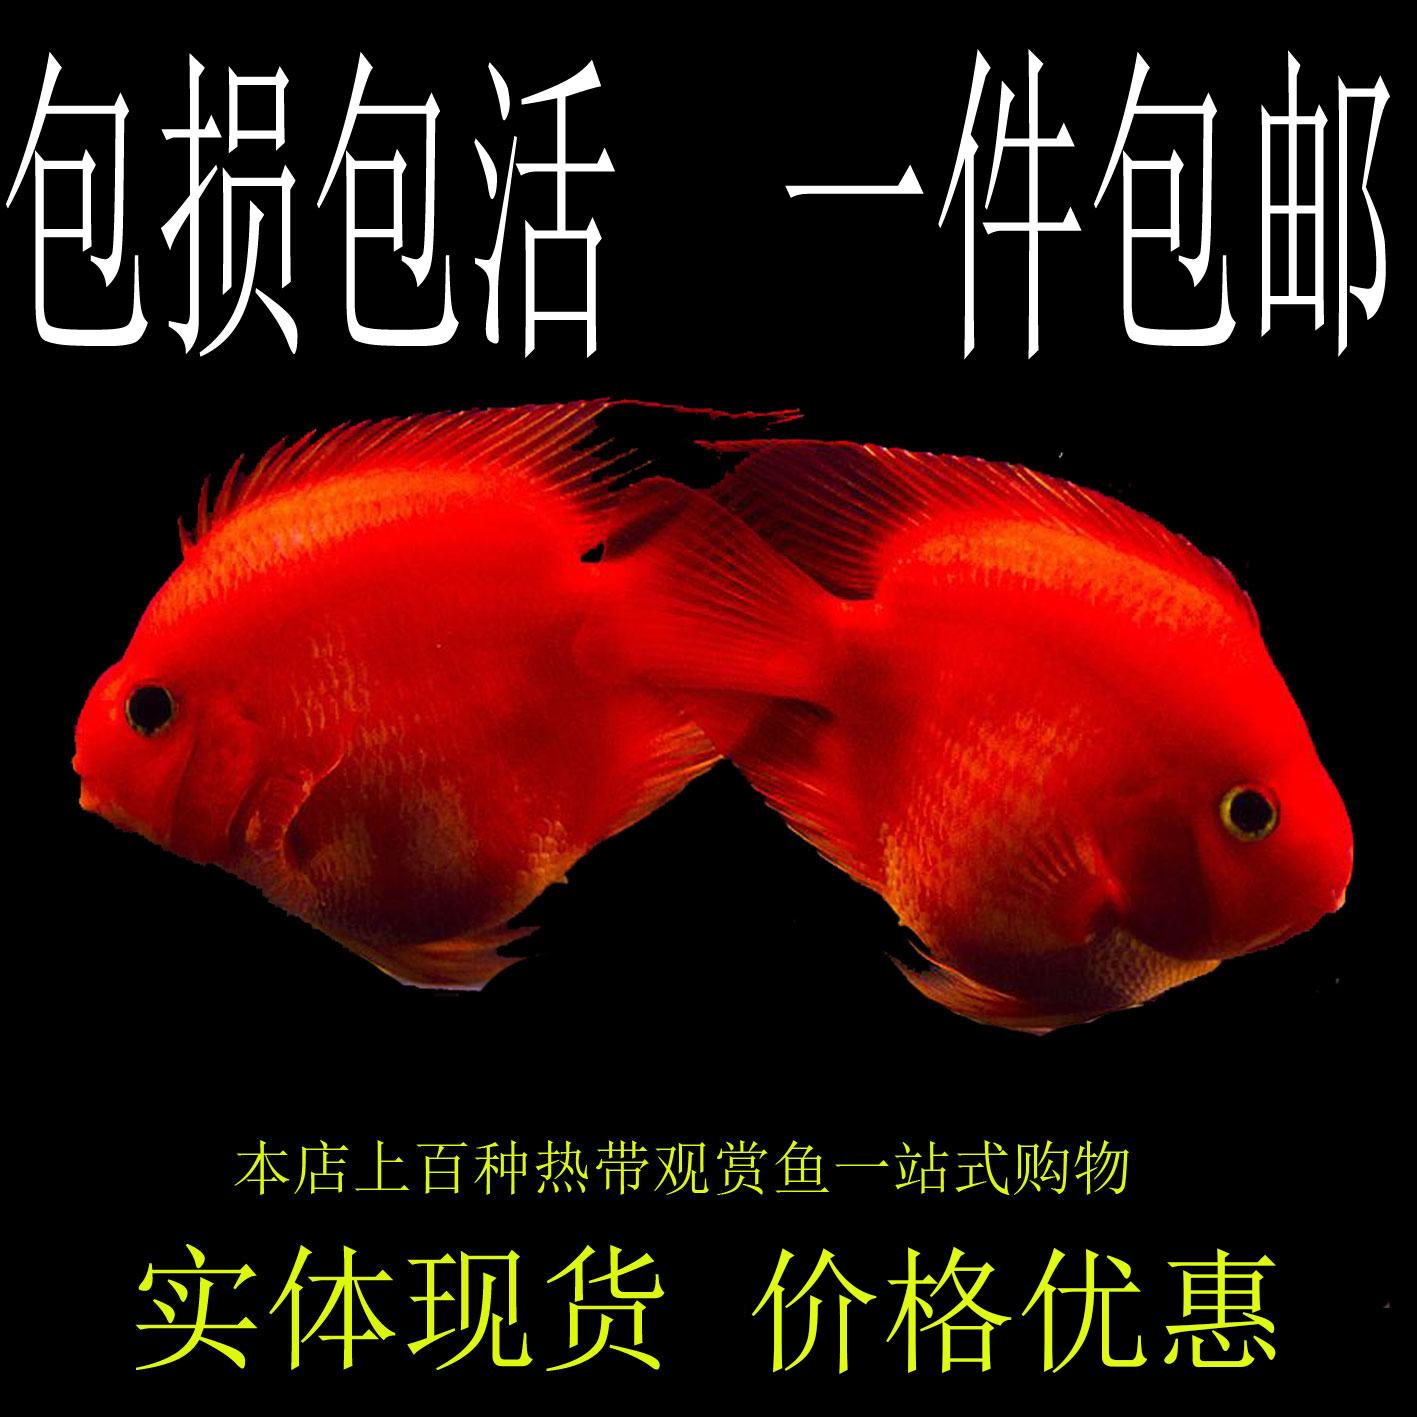 ~坷让鹦鹉鱼活体元宝鹦鹉财神风水鱼招财血鹦鹉金刚鹦鹉包损热。